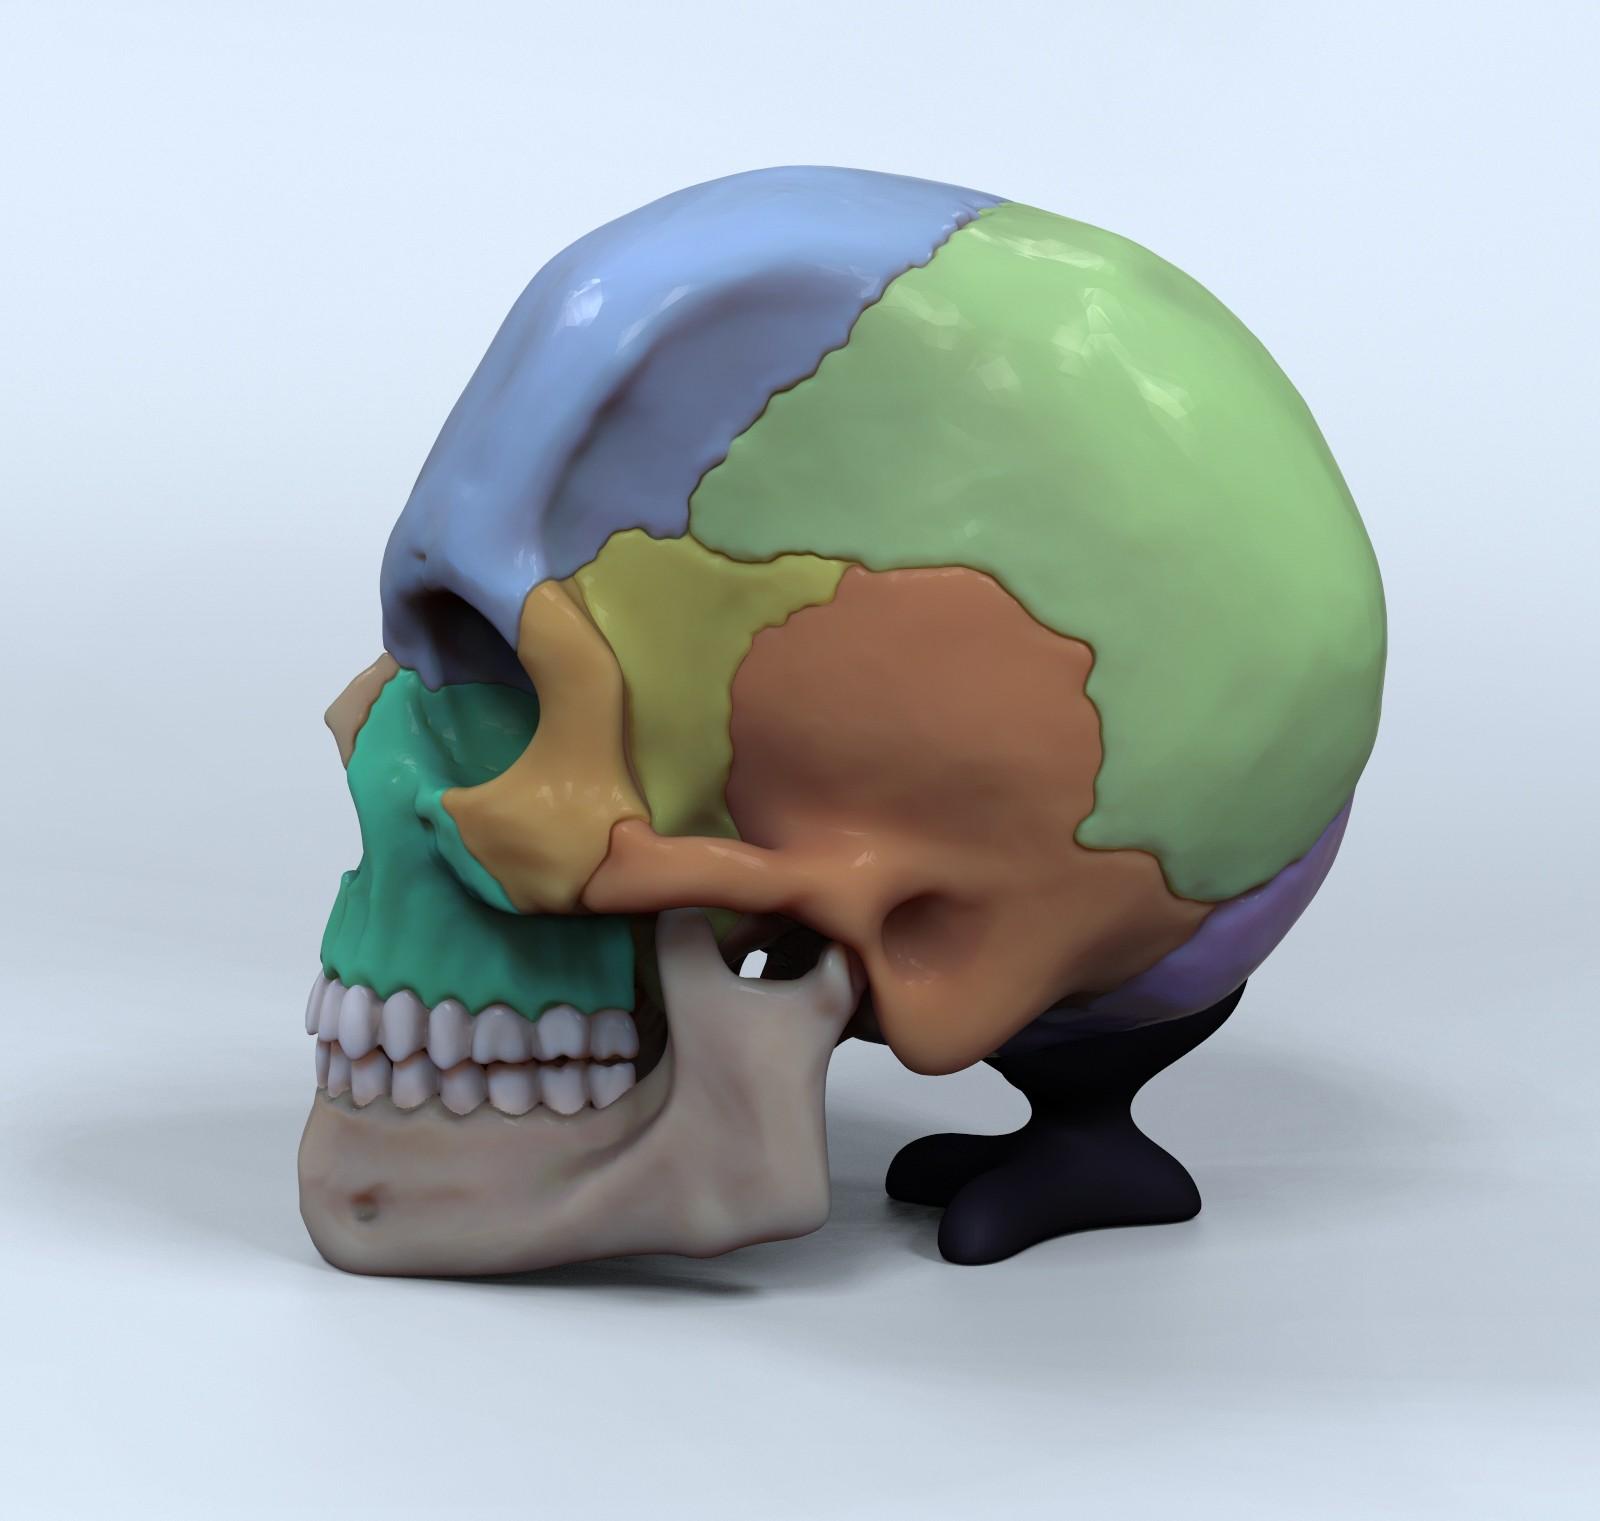 Hector moran skull renders 2